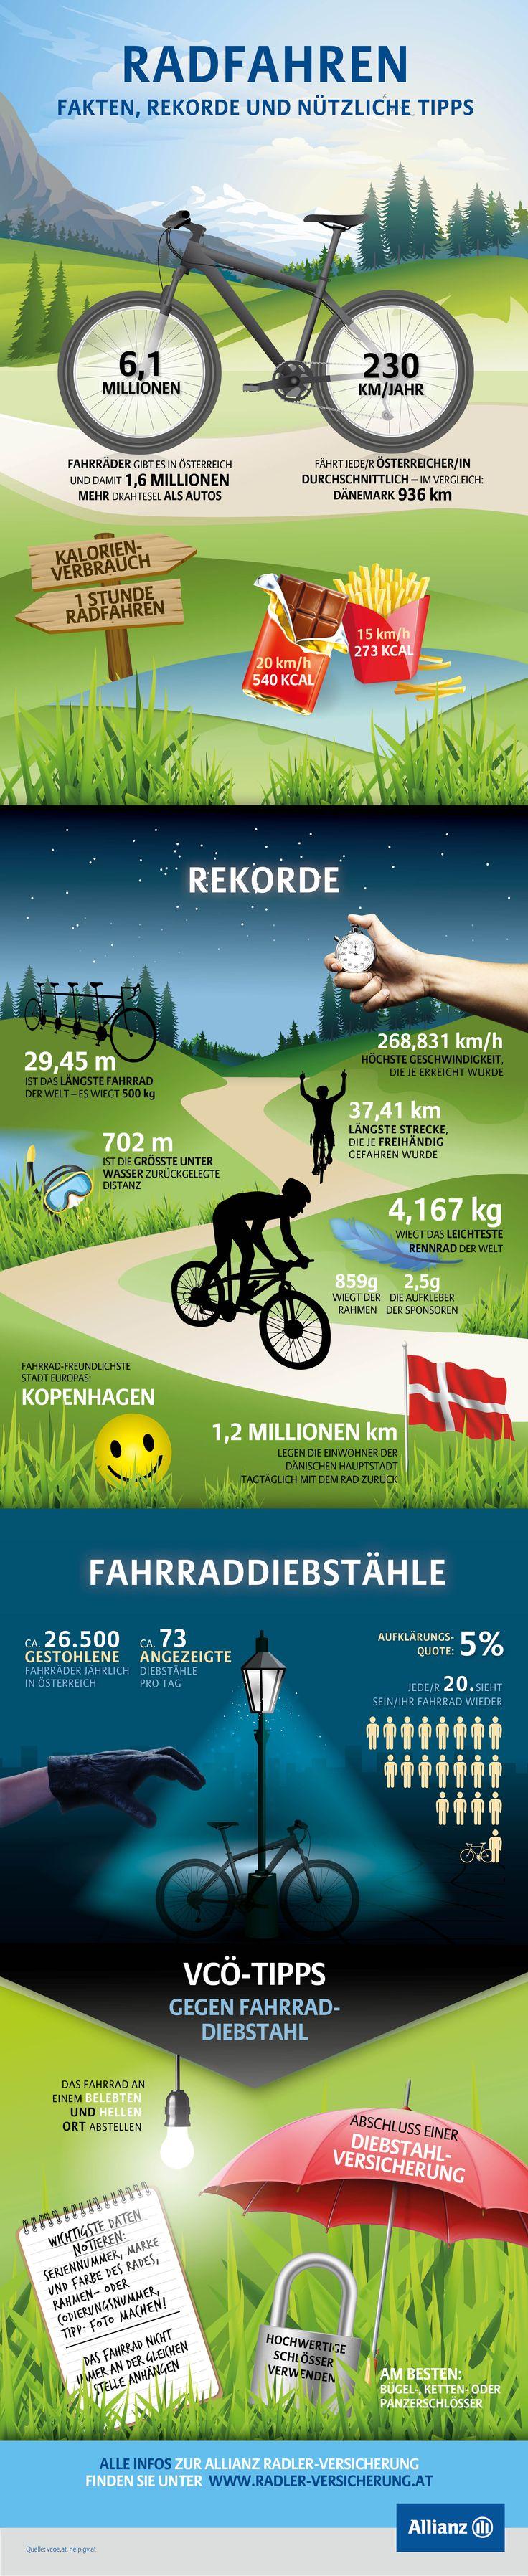 #Radfahren - Fakten, Rekorde und nützliche Tipps #Infografik #Allianz